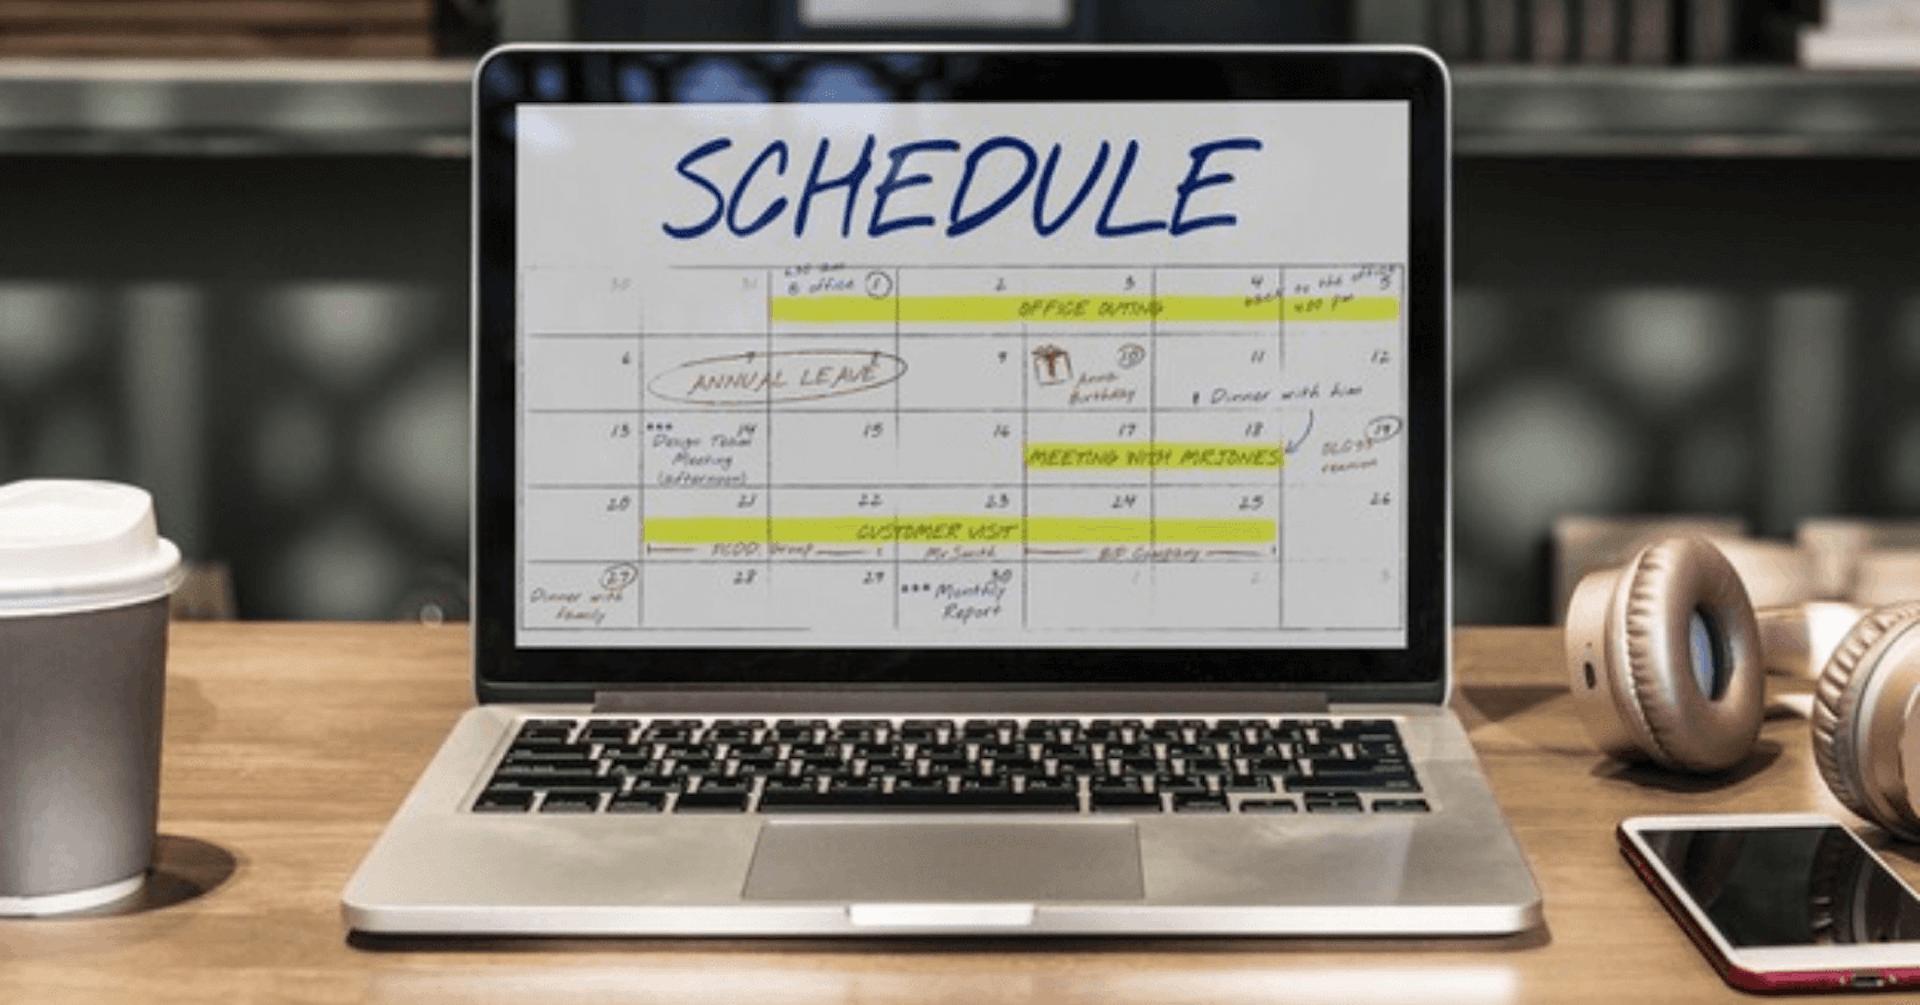 ¿Cómo organizar mi tiempo en el trabajo? Aumenta ya tu productividad